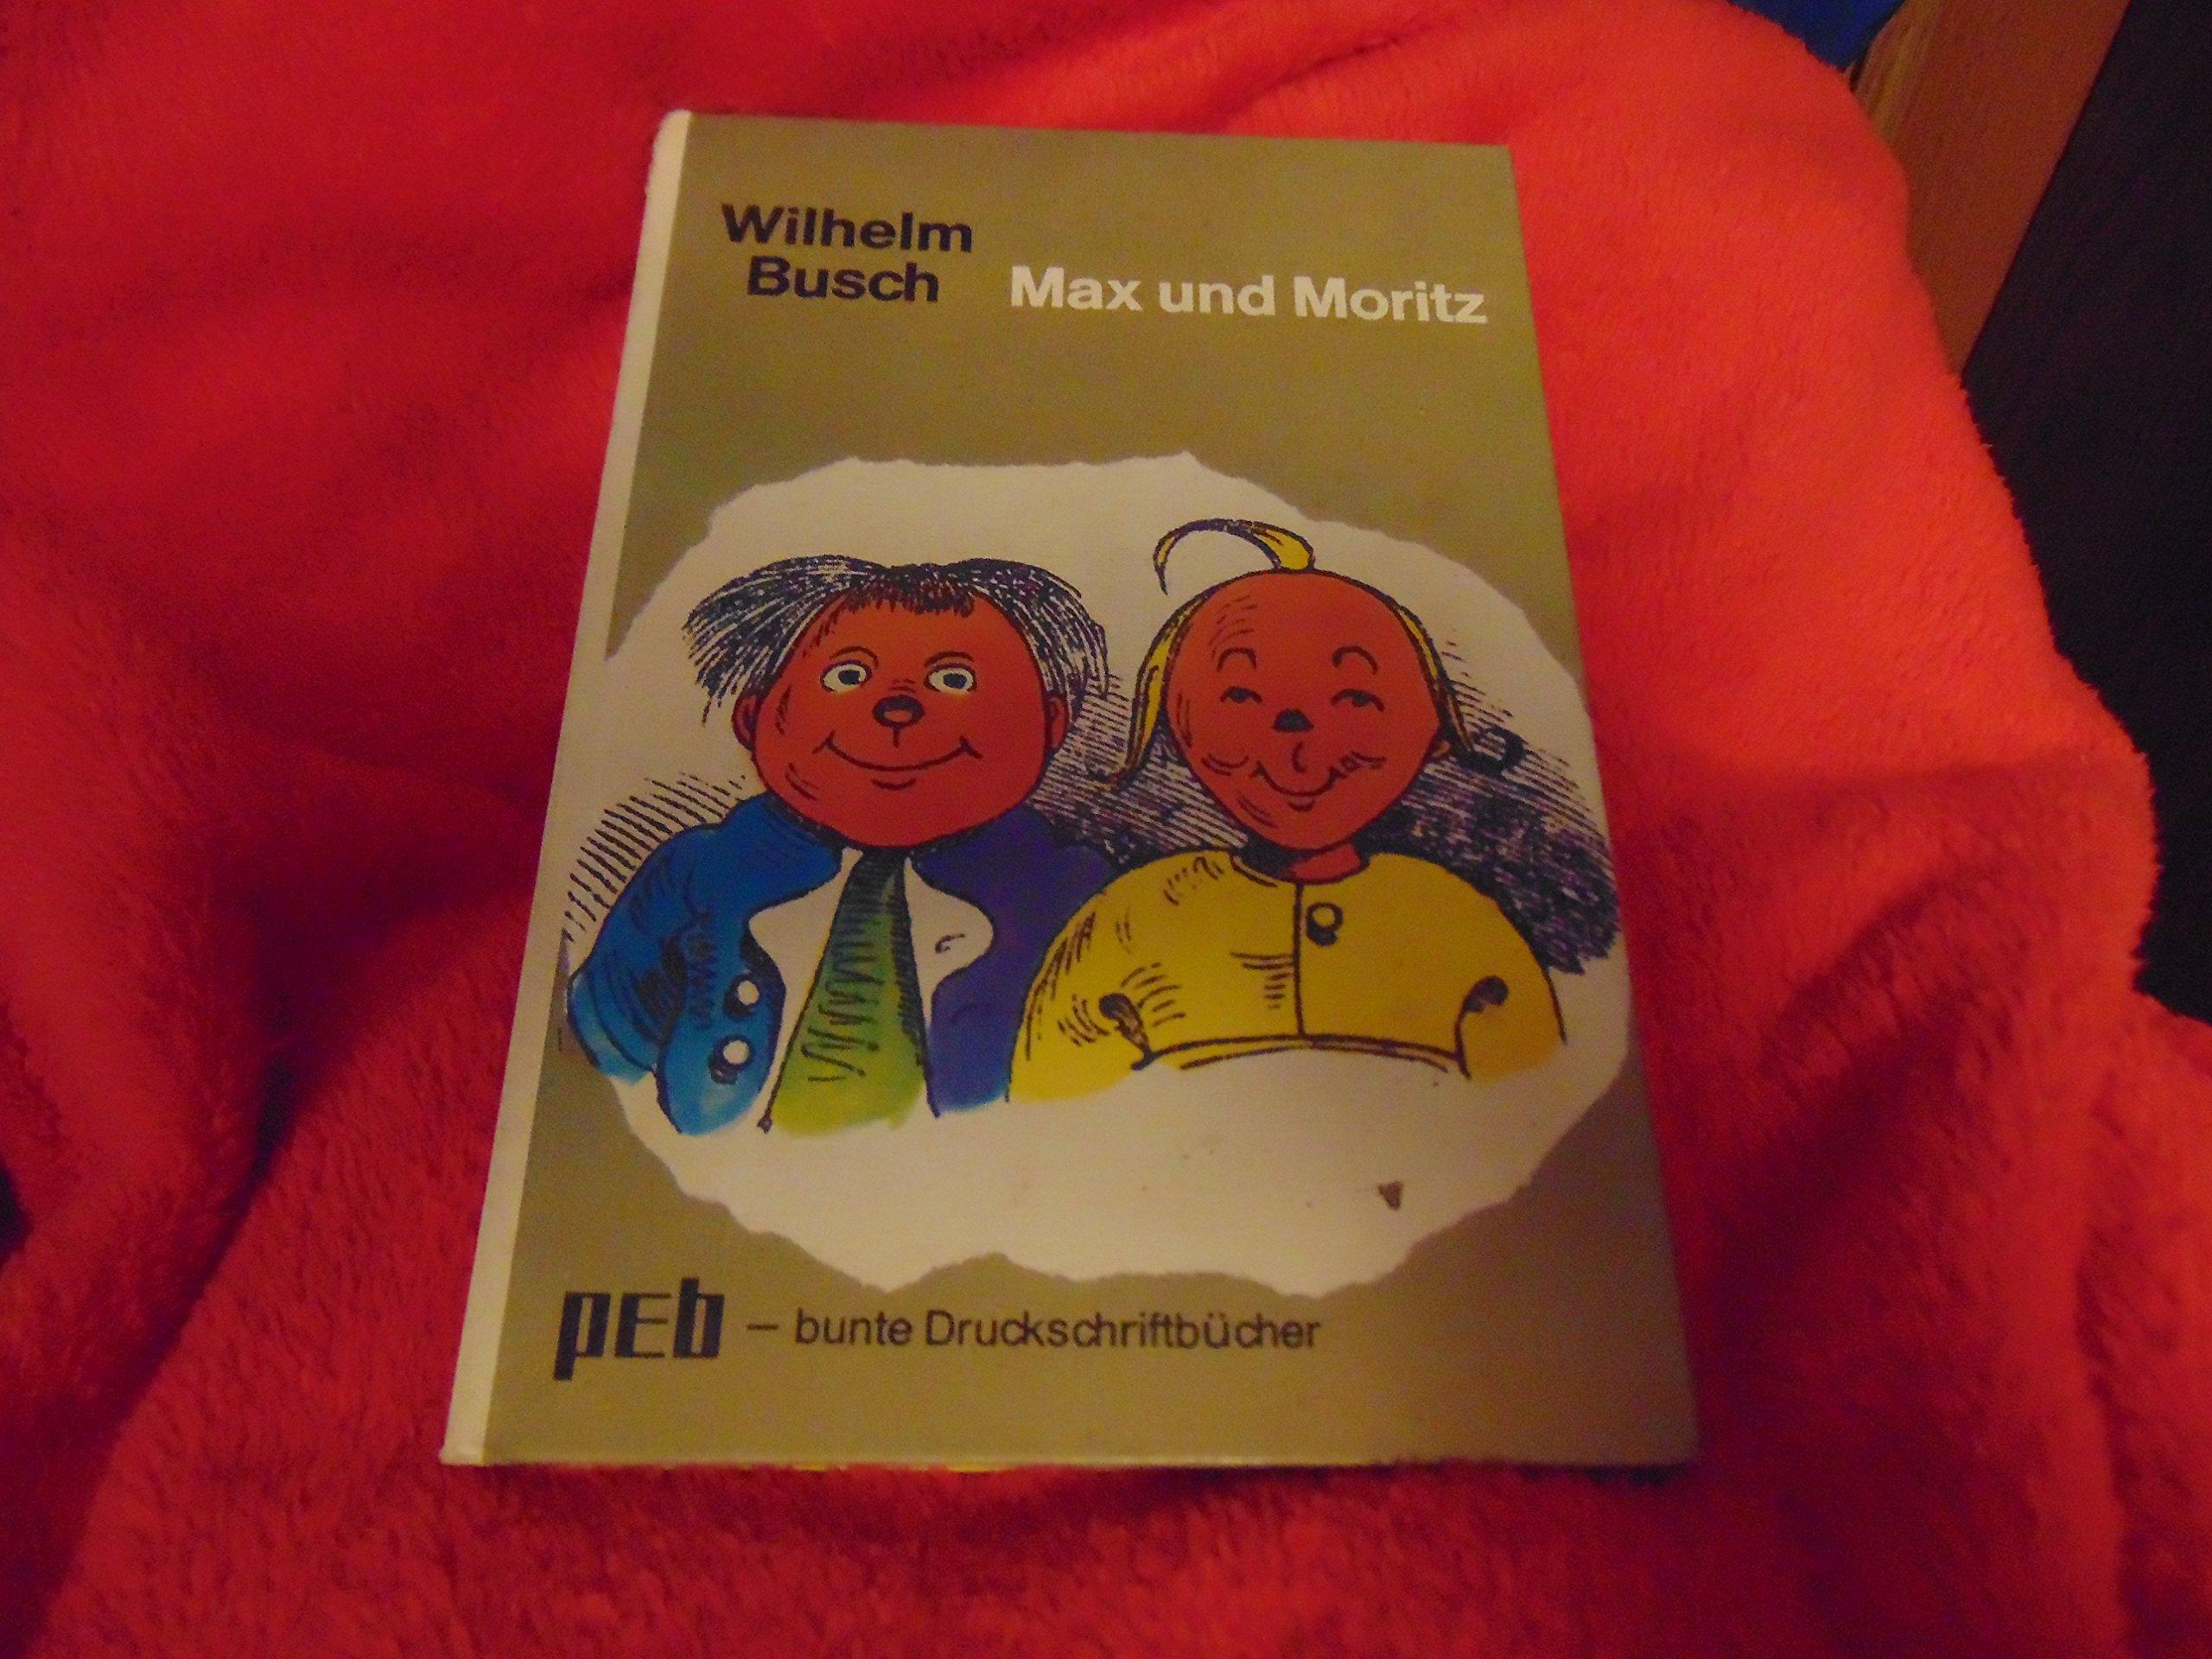 Max und moritz leipzig